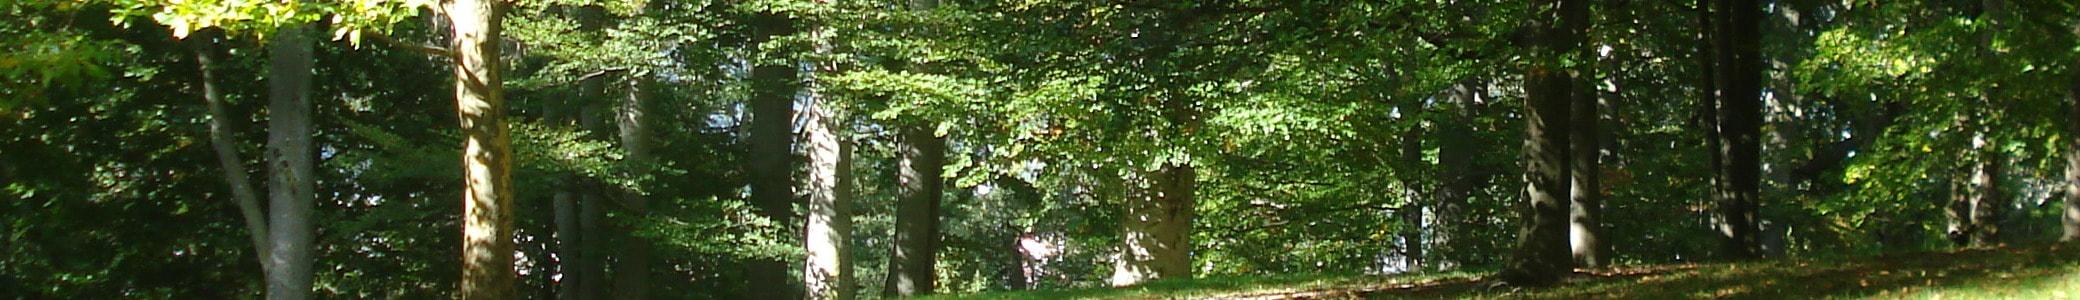 NorrTräd AB Trädfällning